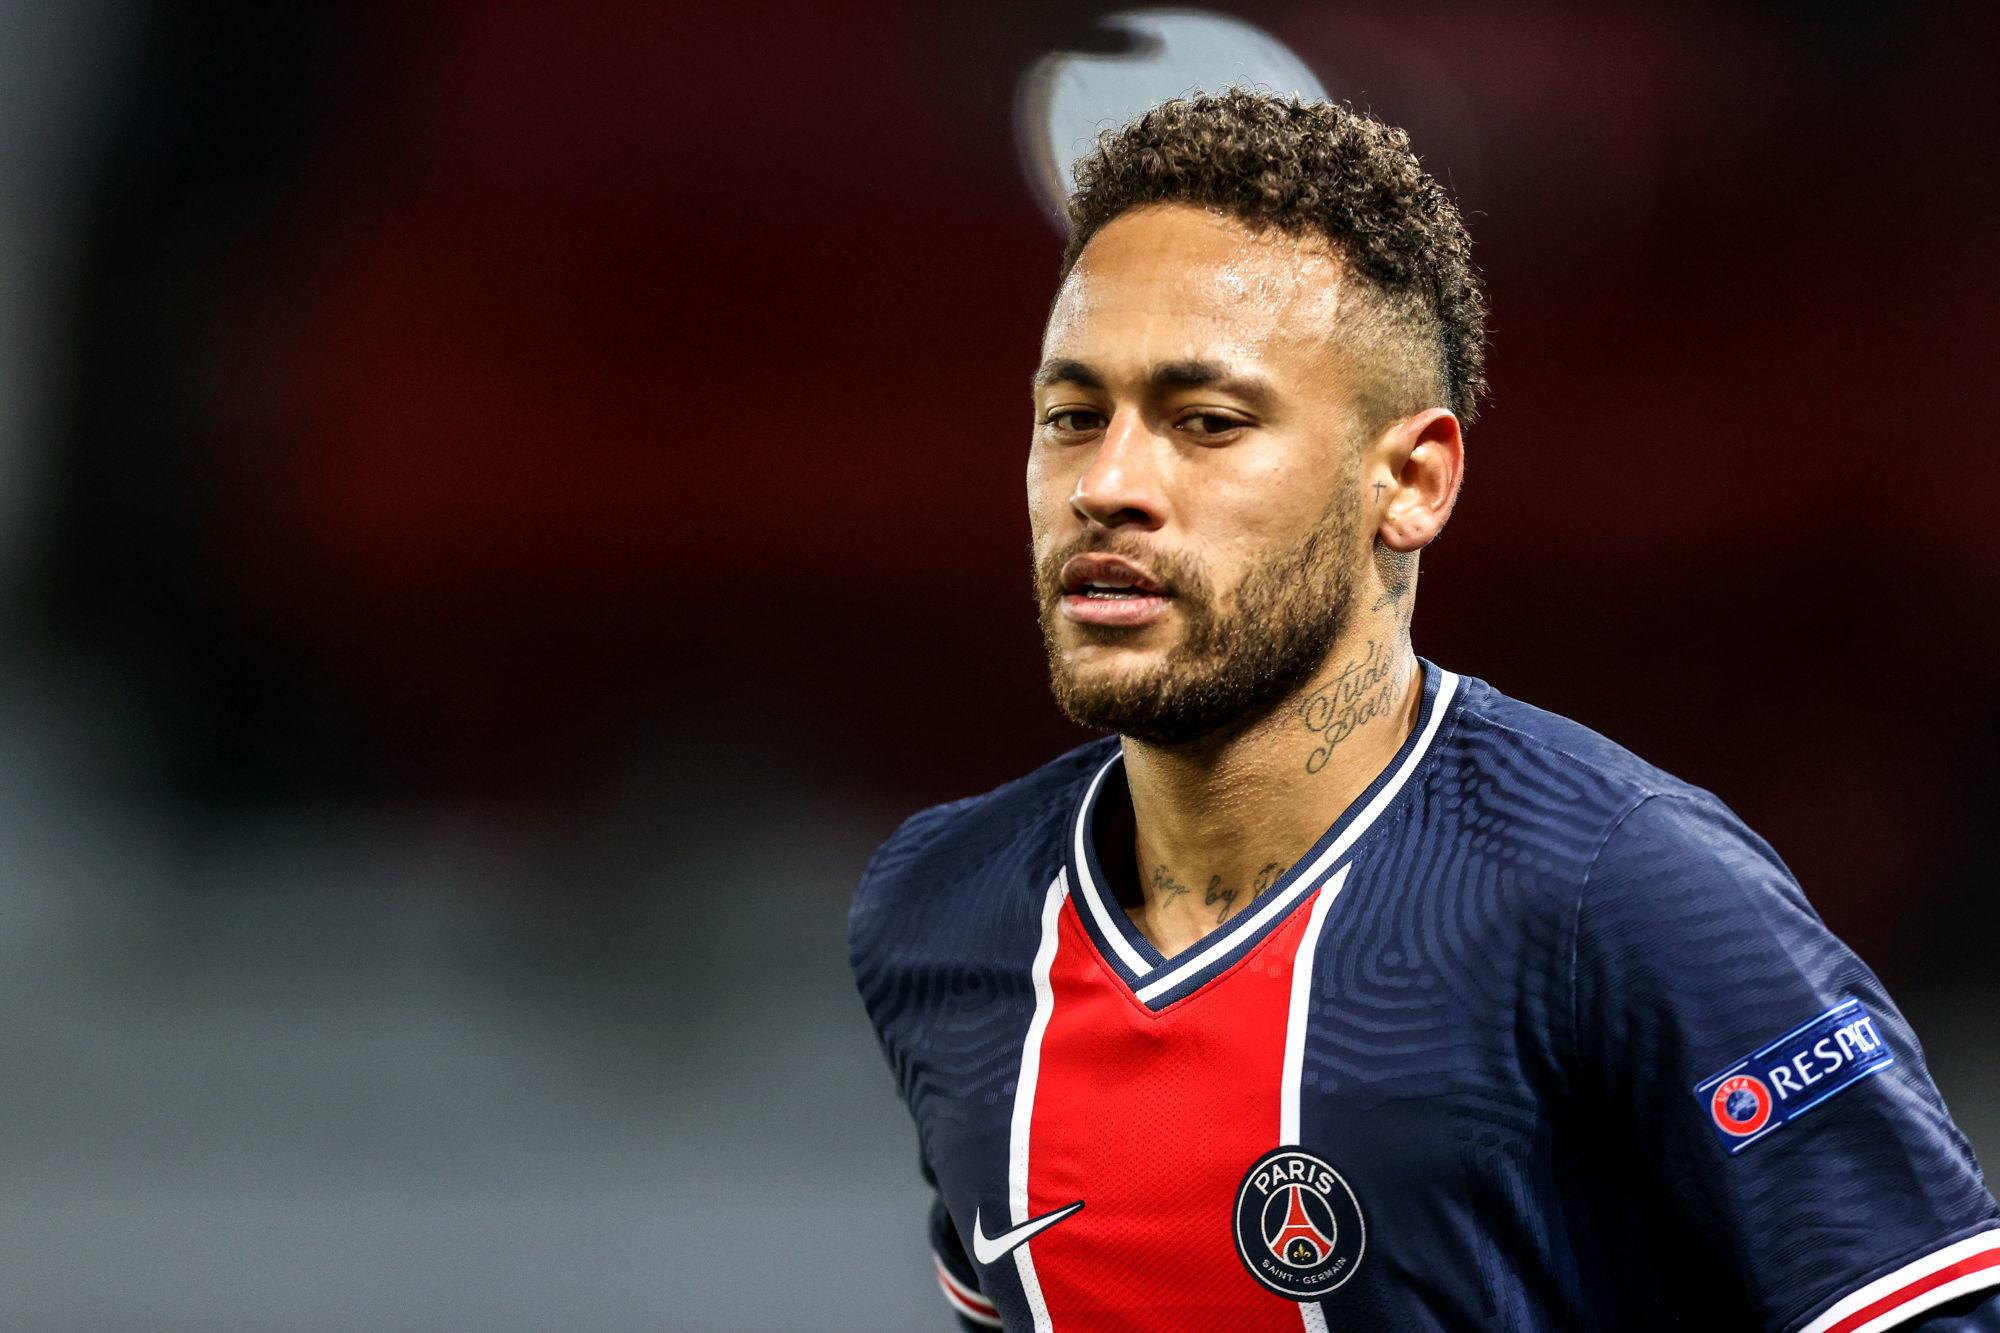 LDC - Neymar élu joueur de la semaine, alors qu'il n'est pas dans l'équipe-type